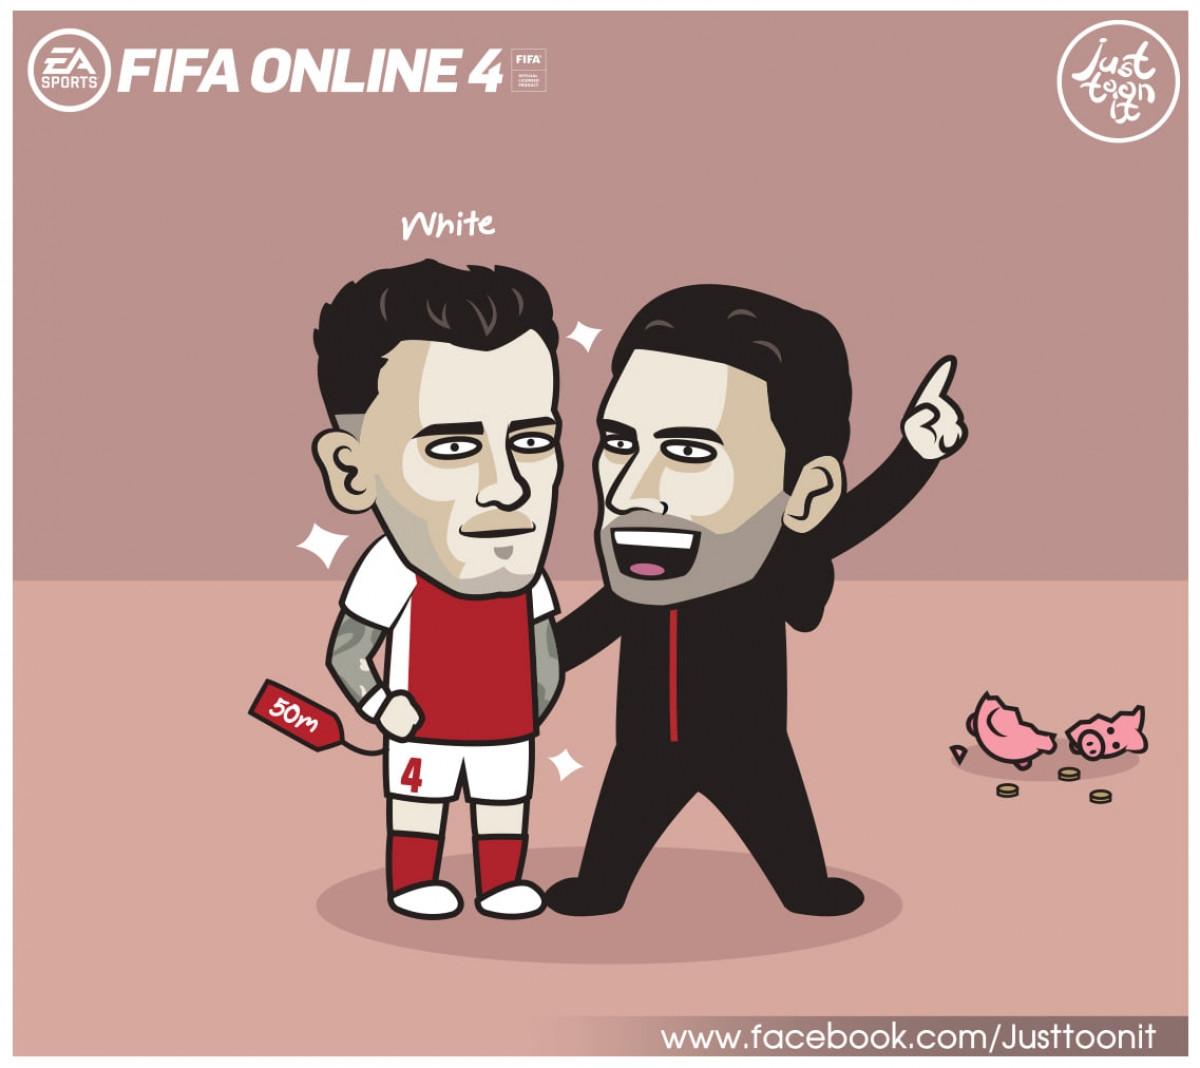 Arsenal đón Ben White với giá 50 triệu Bảng. (Ảnh: Just Toon It)